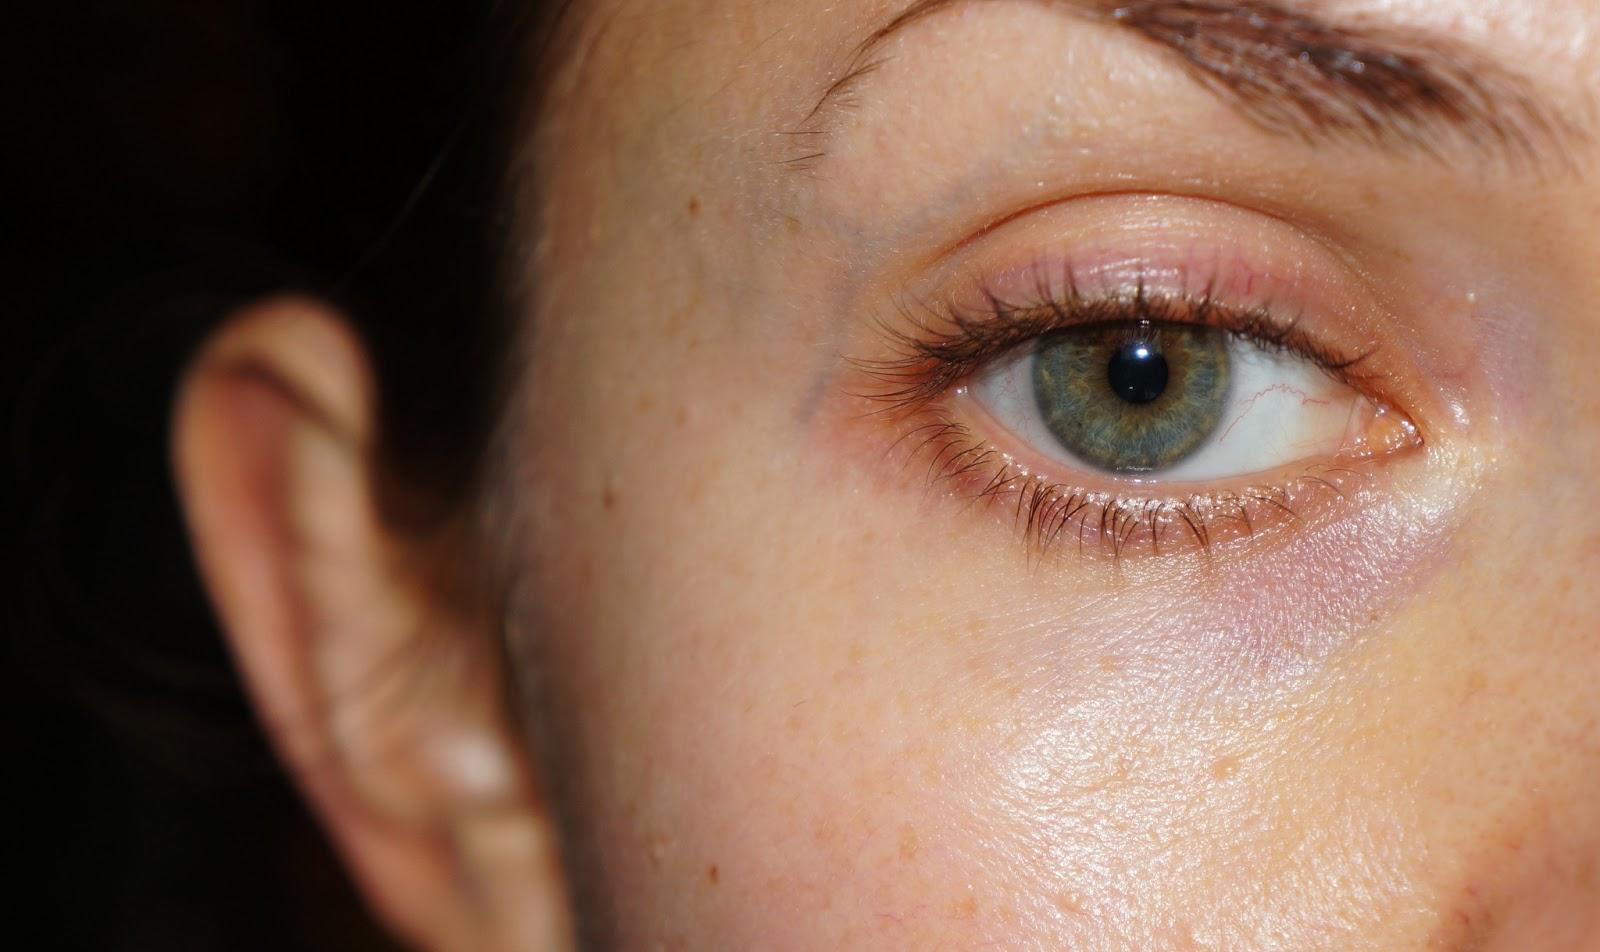 Чтобы небольшие мешки под глазами после биоревитализации не стали эффектом неожиданности для пациентки, косметолог обязан предупредить ее о подобных возможных последствиях манипуляции.